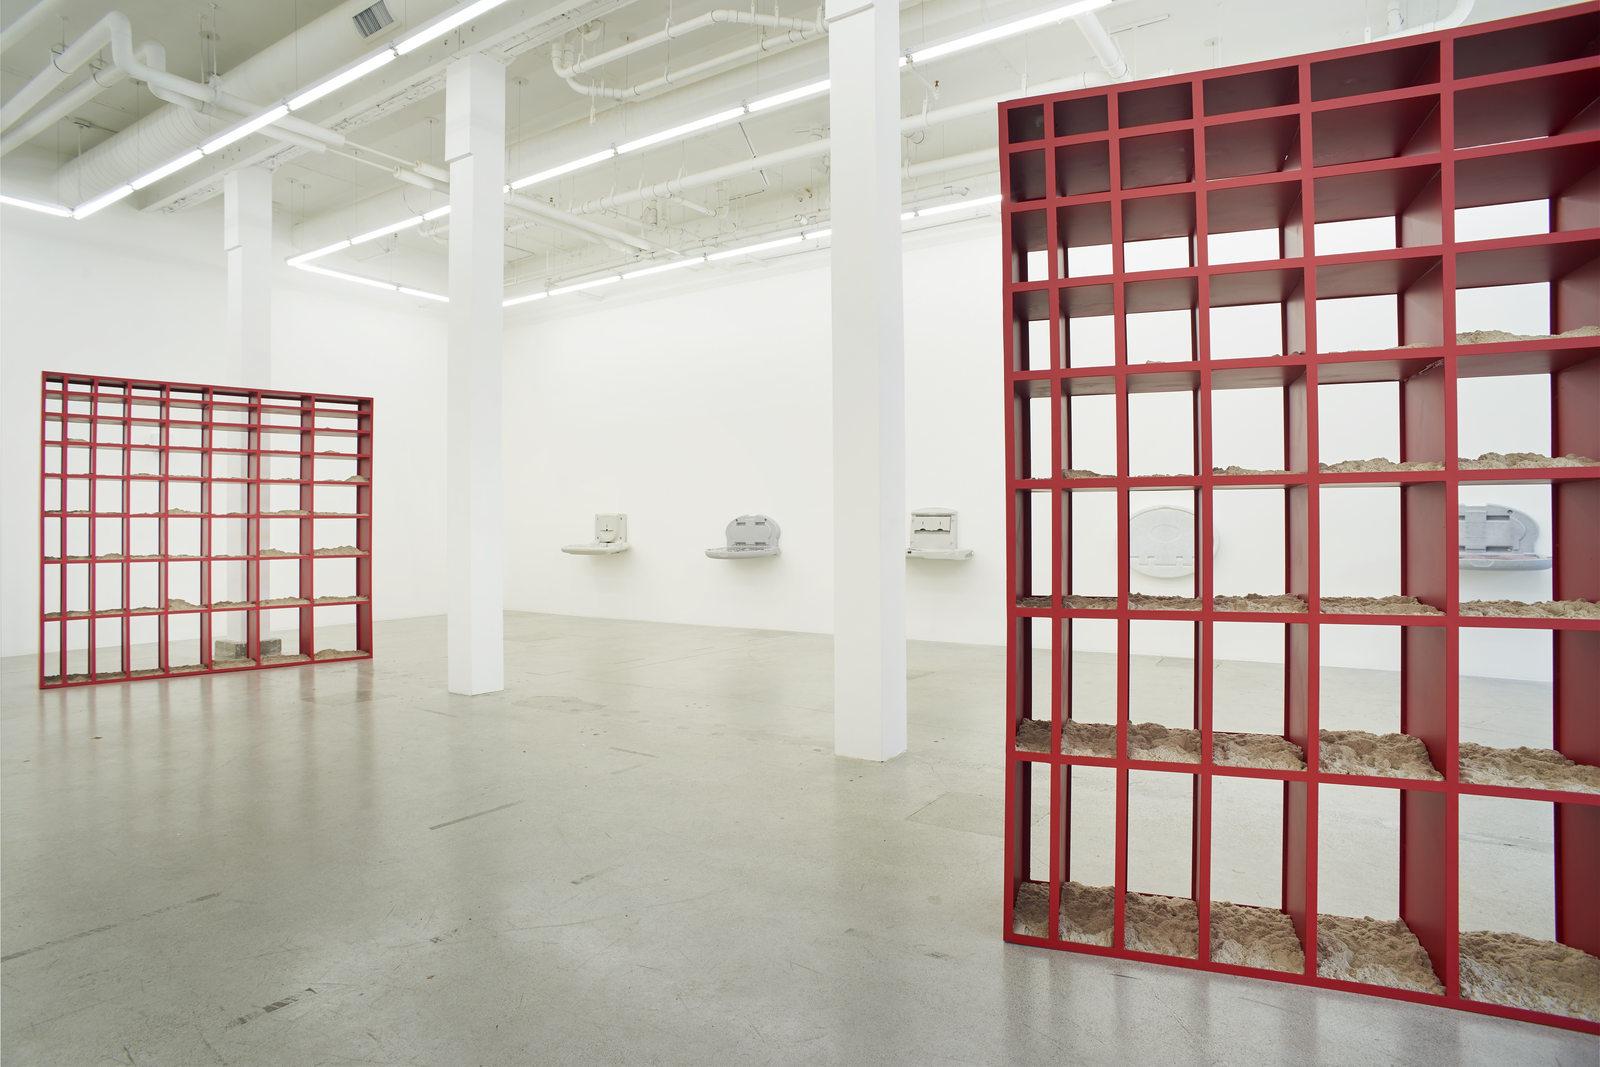 Wermers_Grundstück, 2017_Jessica Silverman Gallery_installation view_018